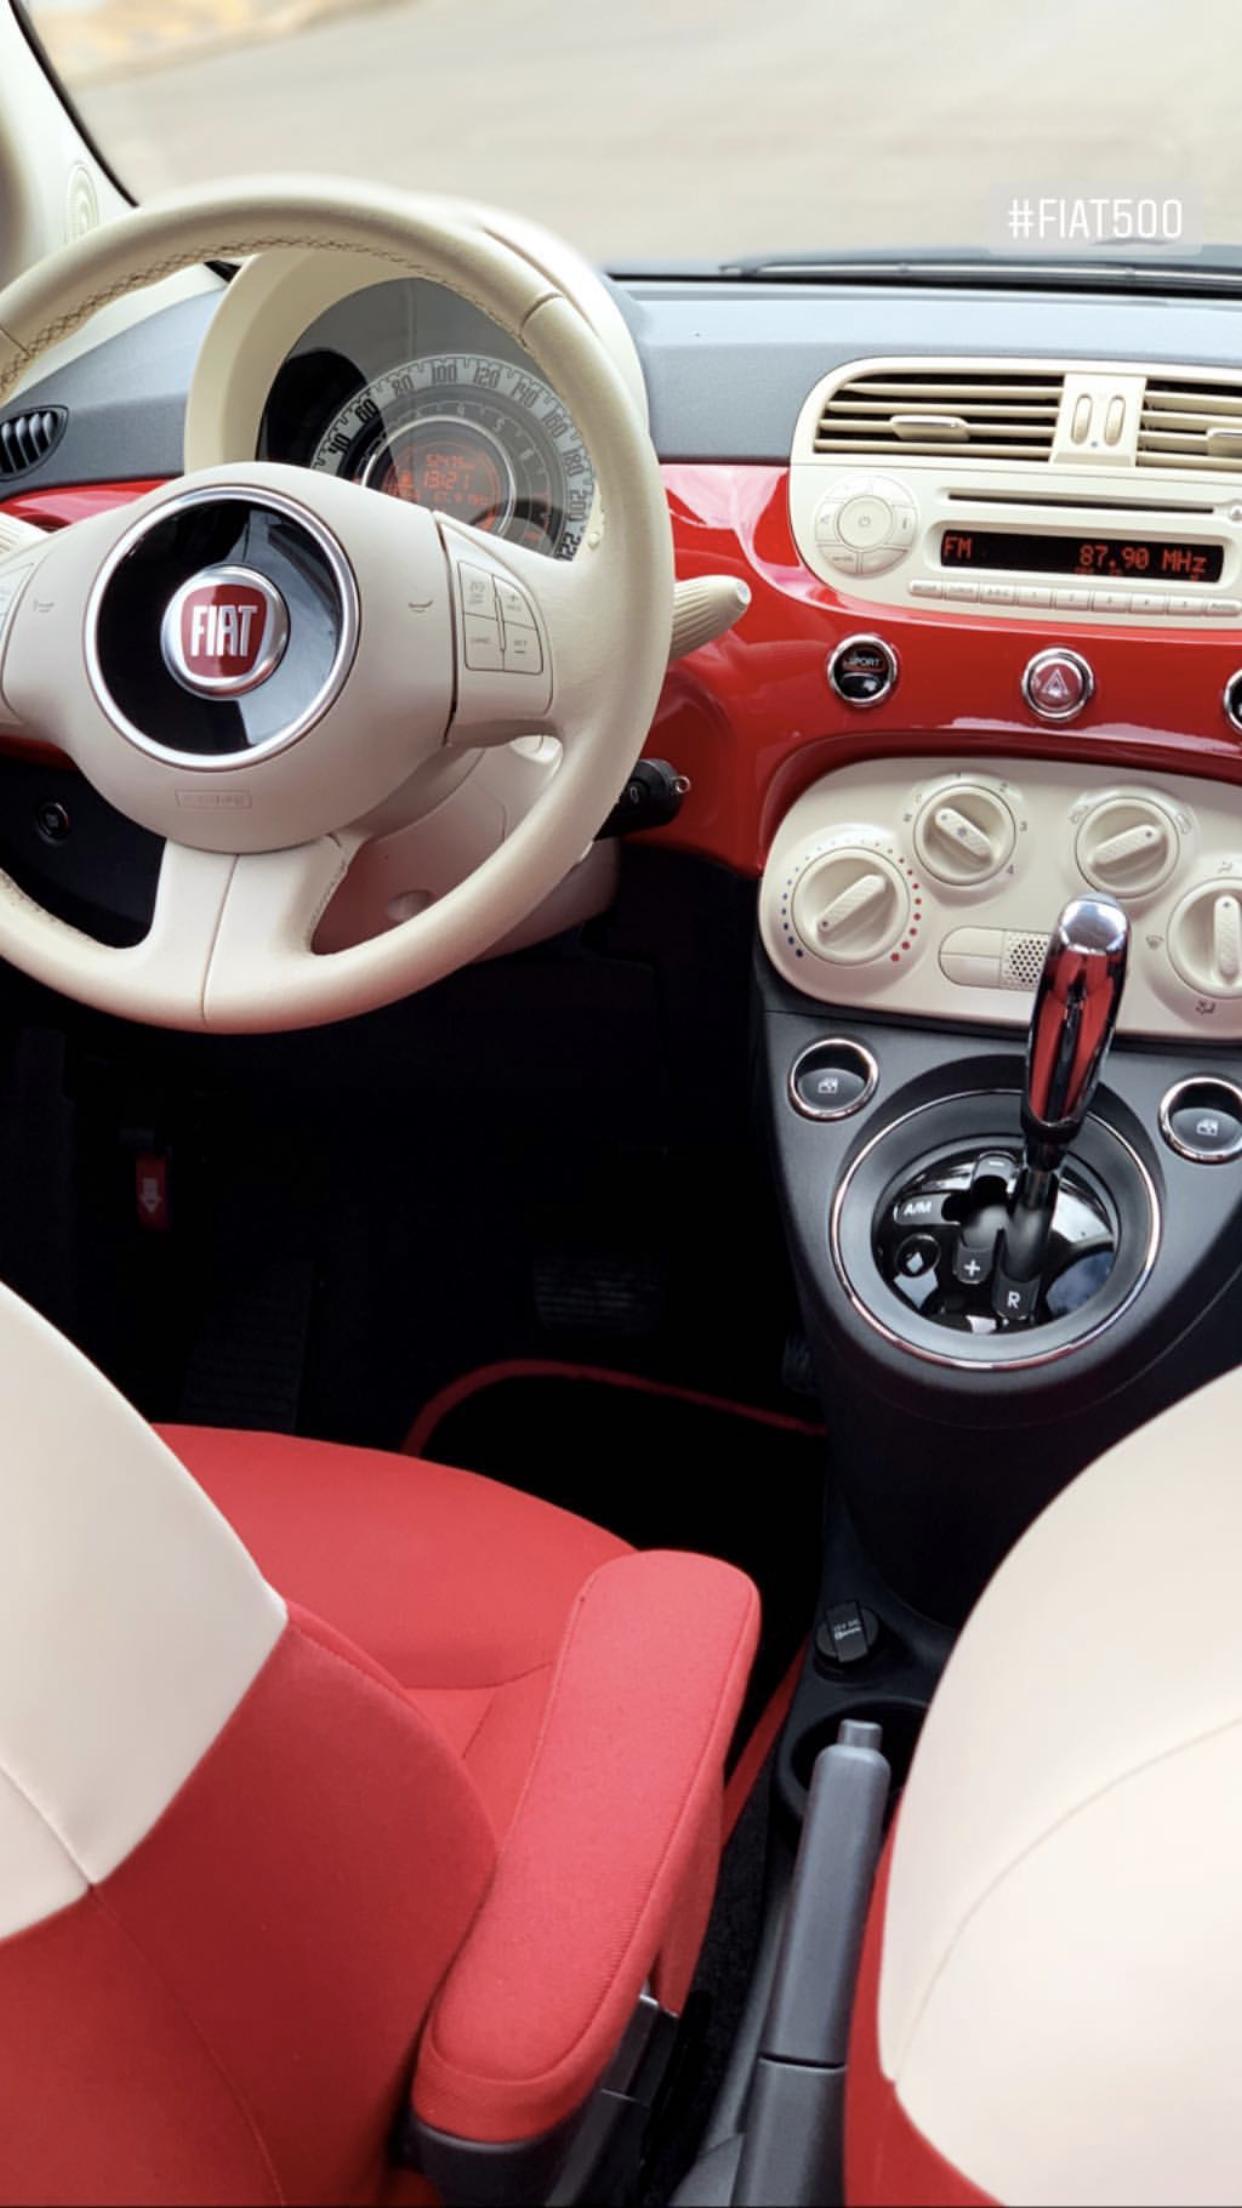 37++ Fiat 500 cabrio interior ideas